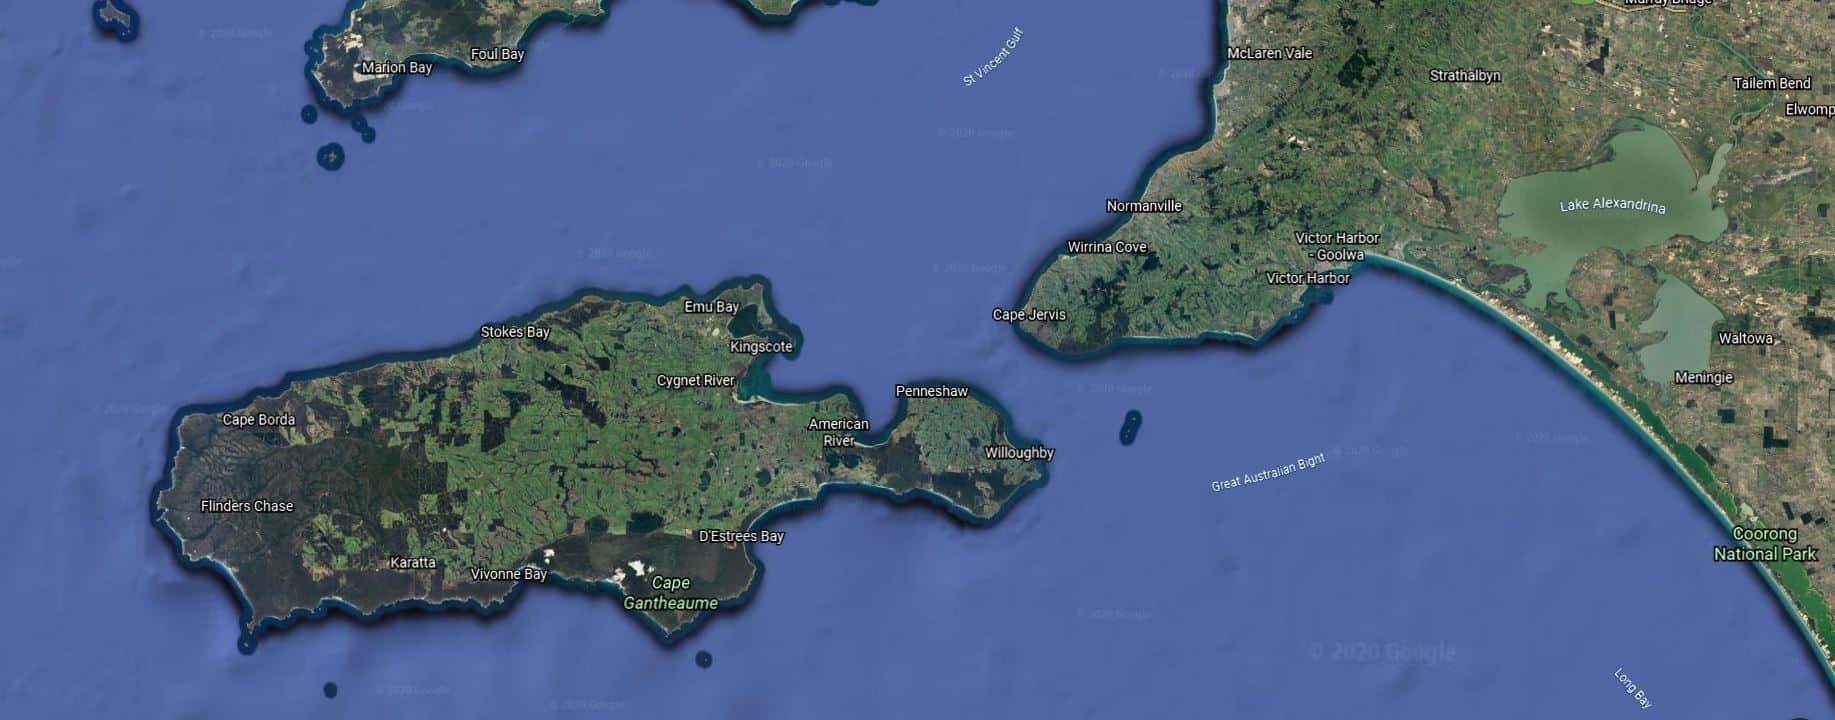 Google Earth_Kangaroo Island